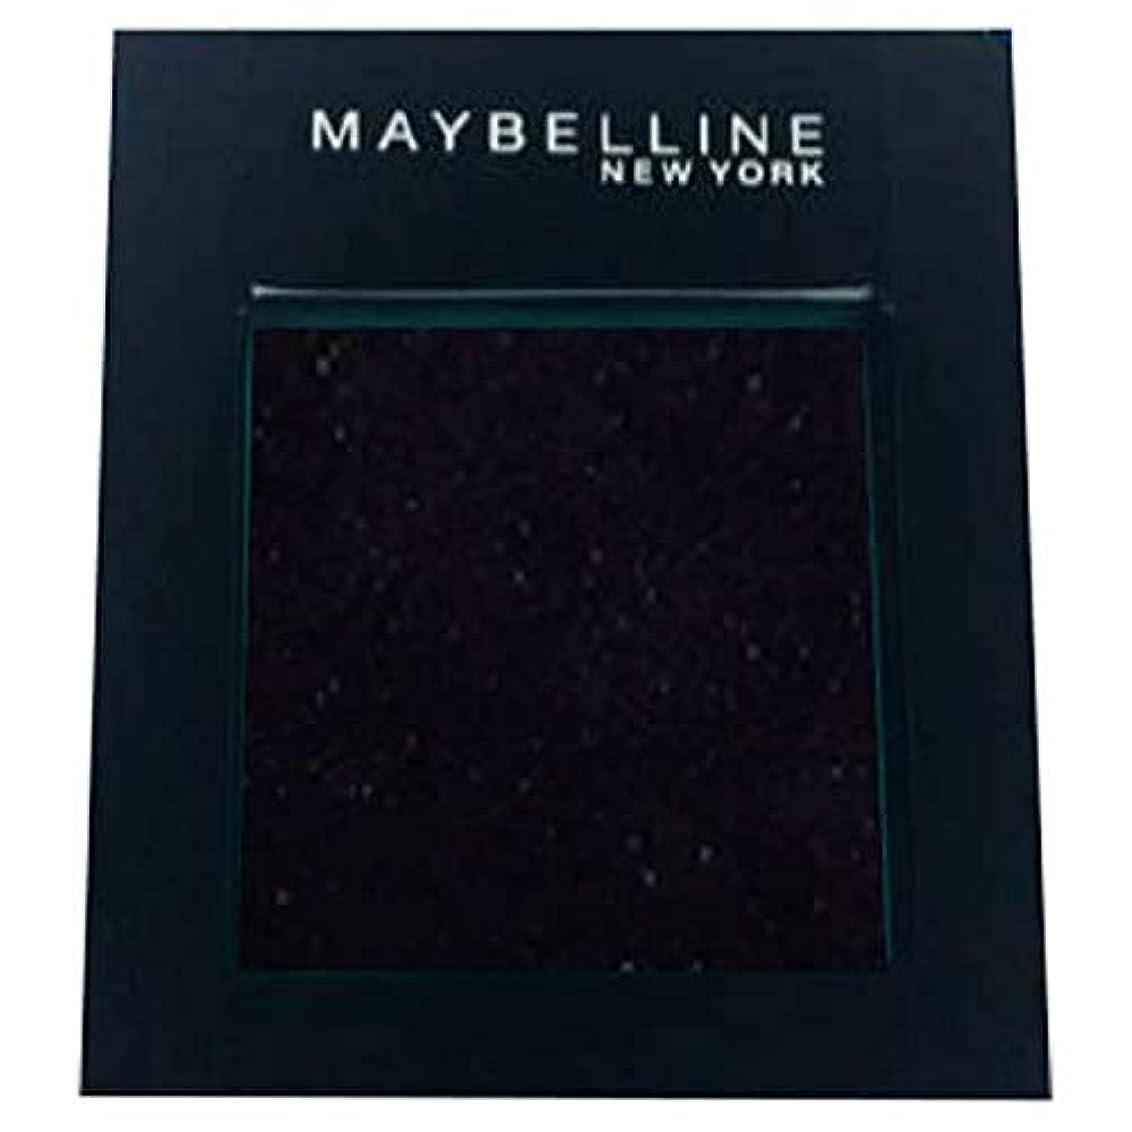 結び目思想公式[Maybelline ] メイベリンカラーショーシングルアイシャドウ125の夜 - Maybelline Color Show Single Eyeshadow 125 Night [並行輸入品]